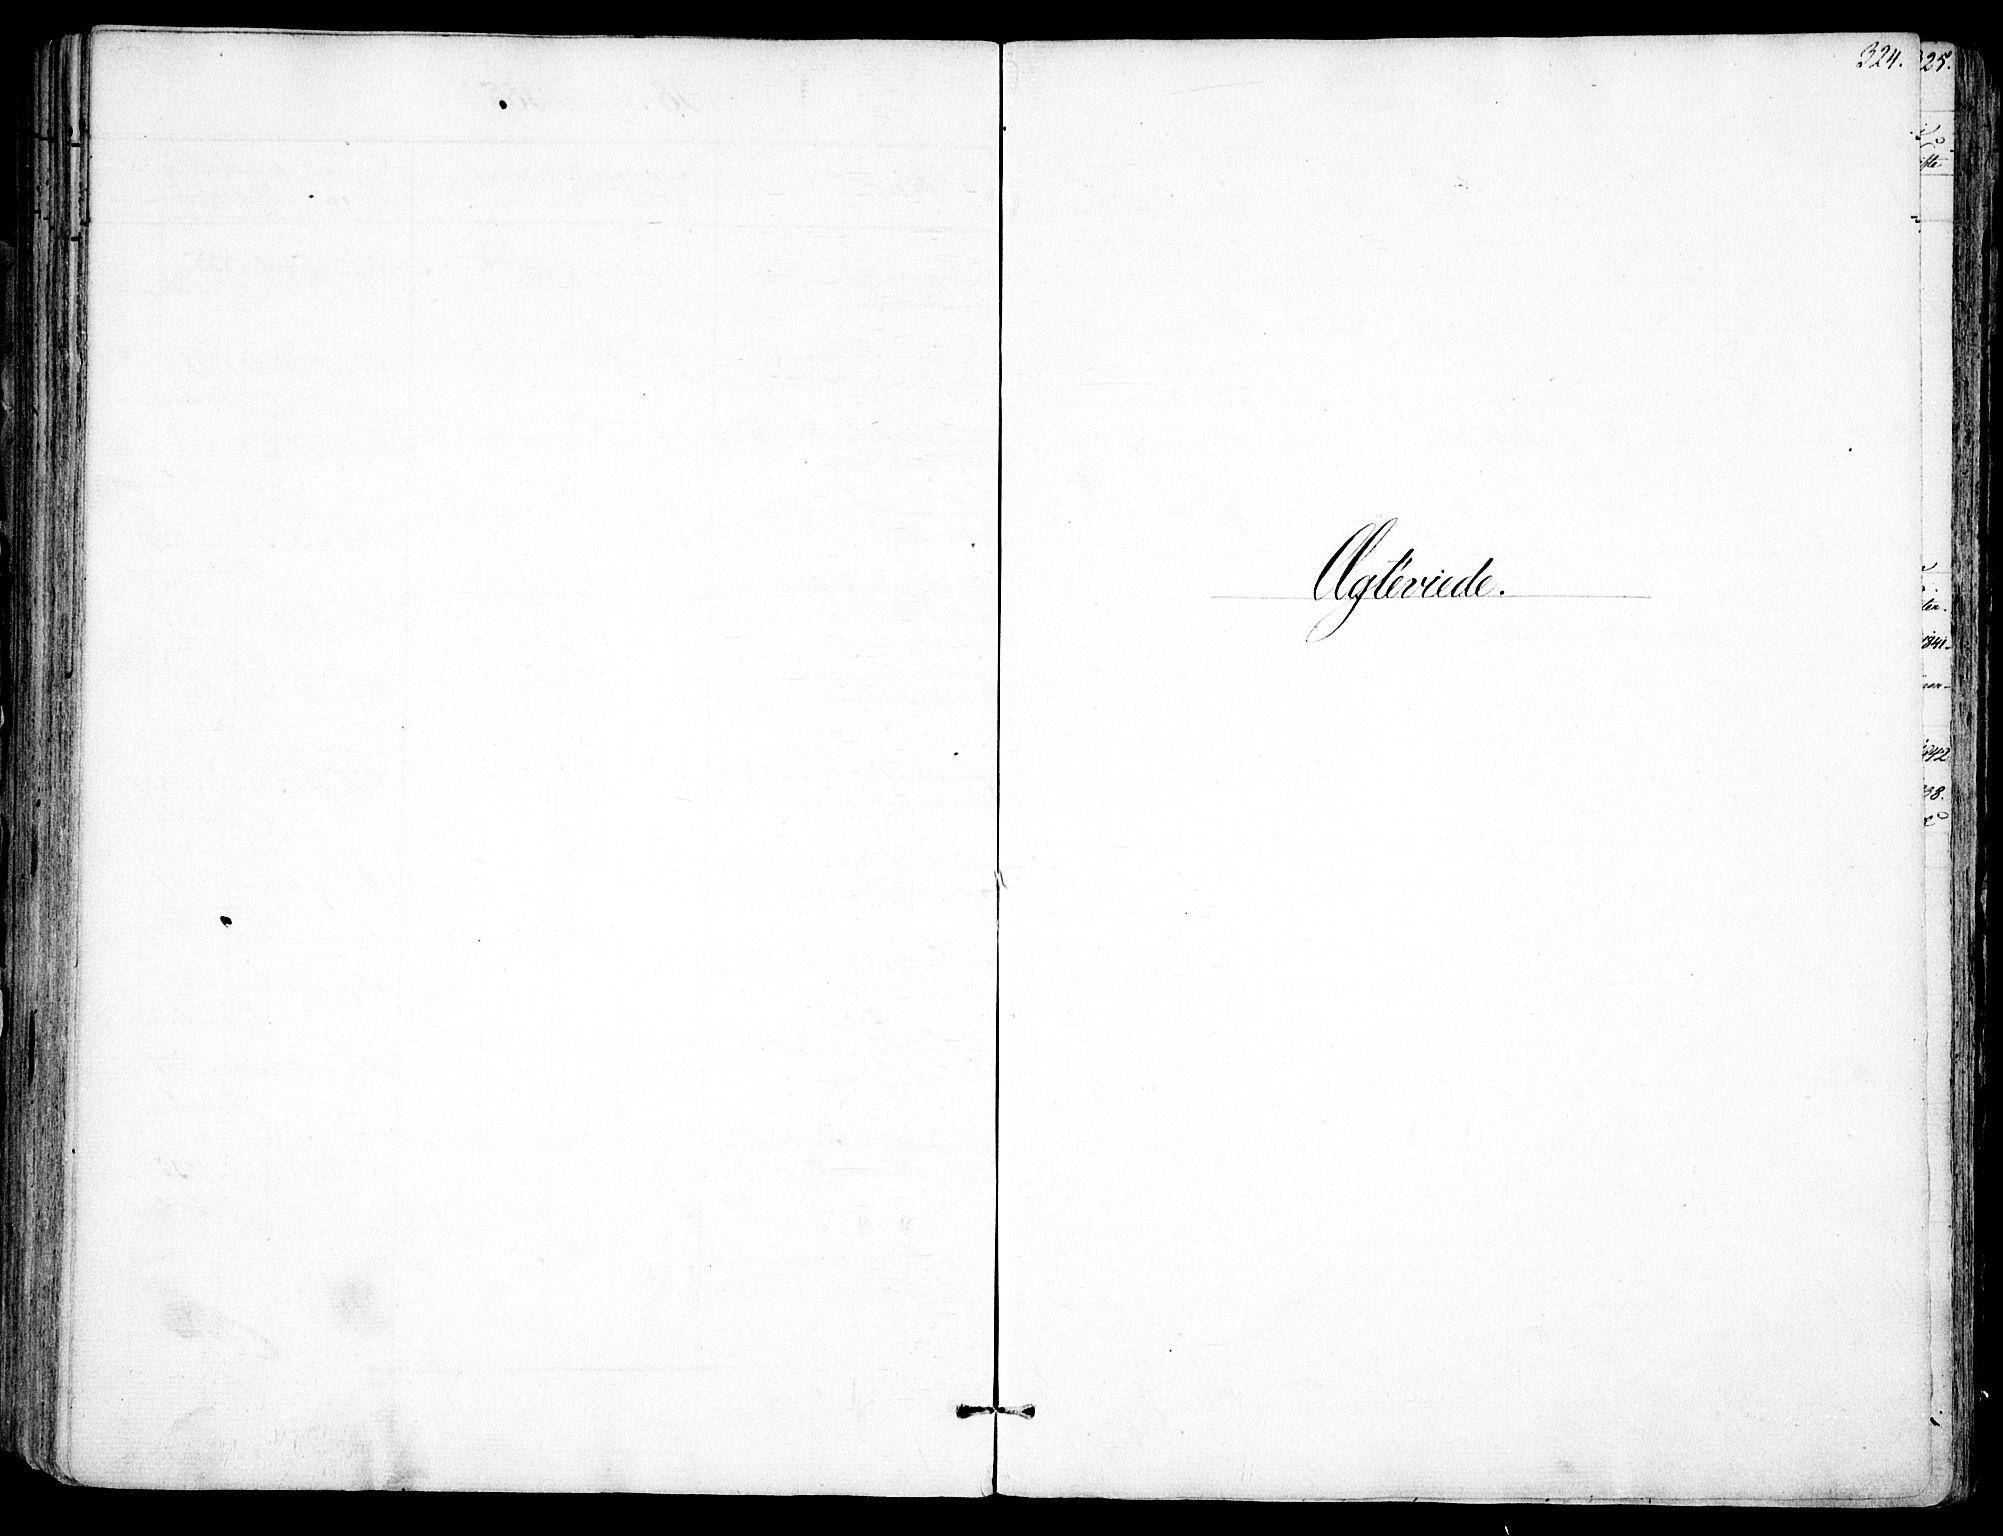 SAO, Garnisonsmenigheten Kirkebøker, F/Fa/L0008: Ministerialbok nr. 8, 1842-1859, s. 324